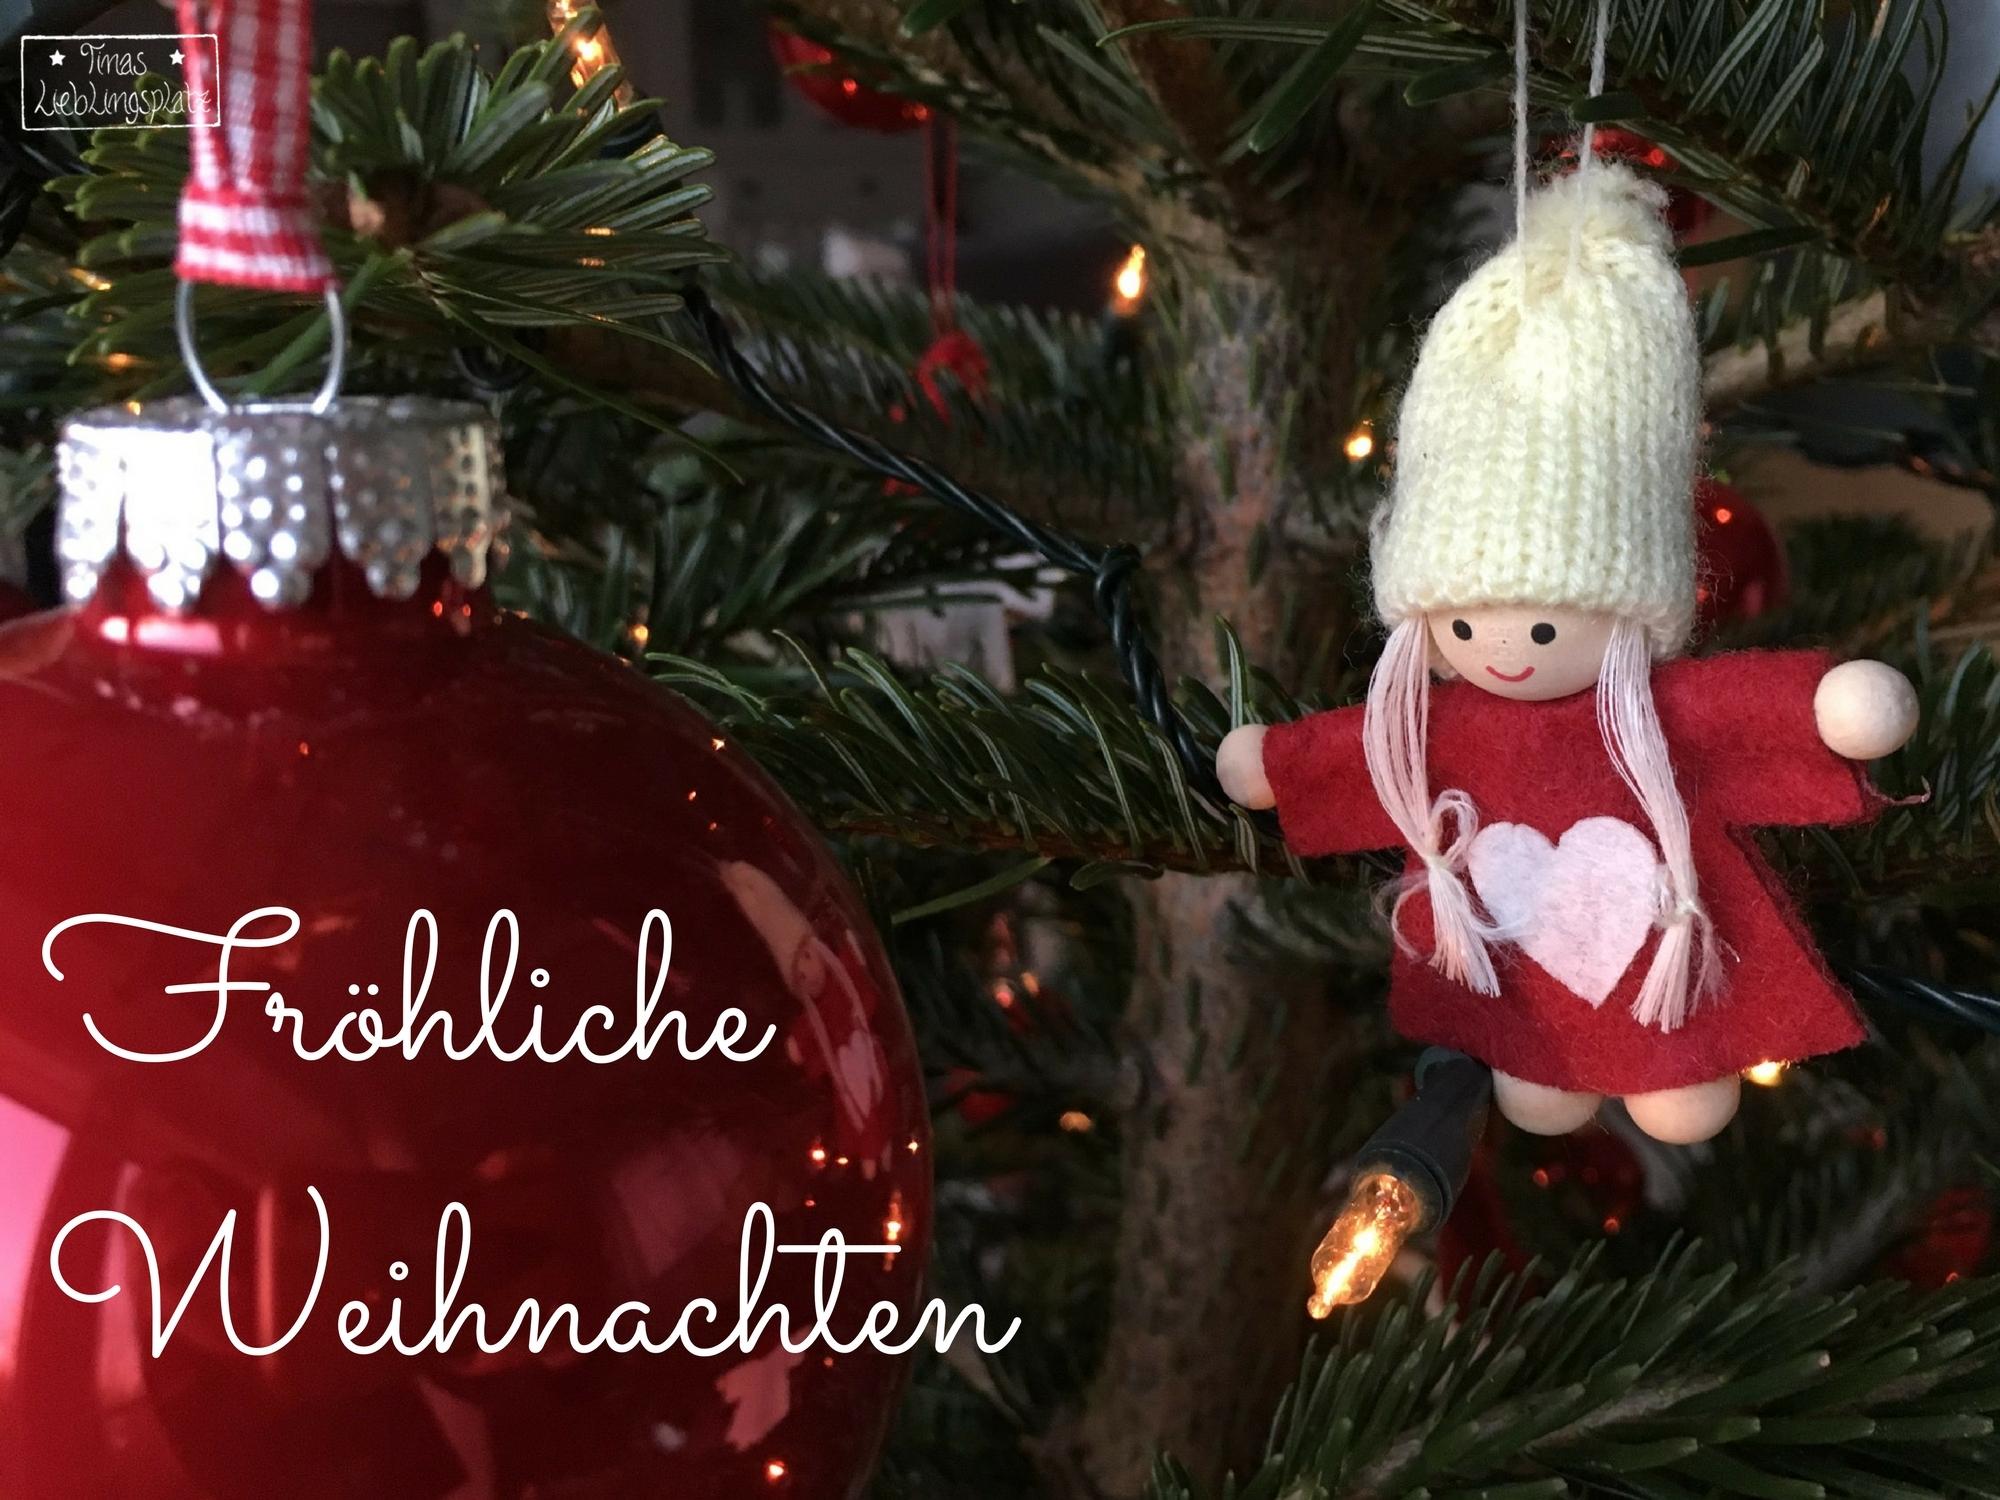 Frohe Weihnachten und bis nächstes Jahr! - Tinas Lieblingsplatz